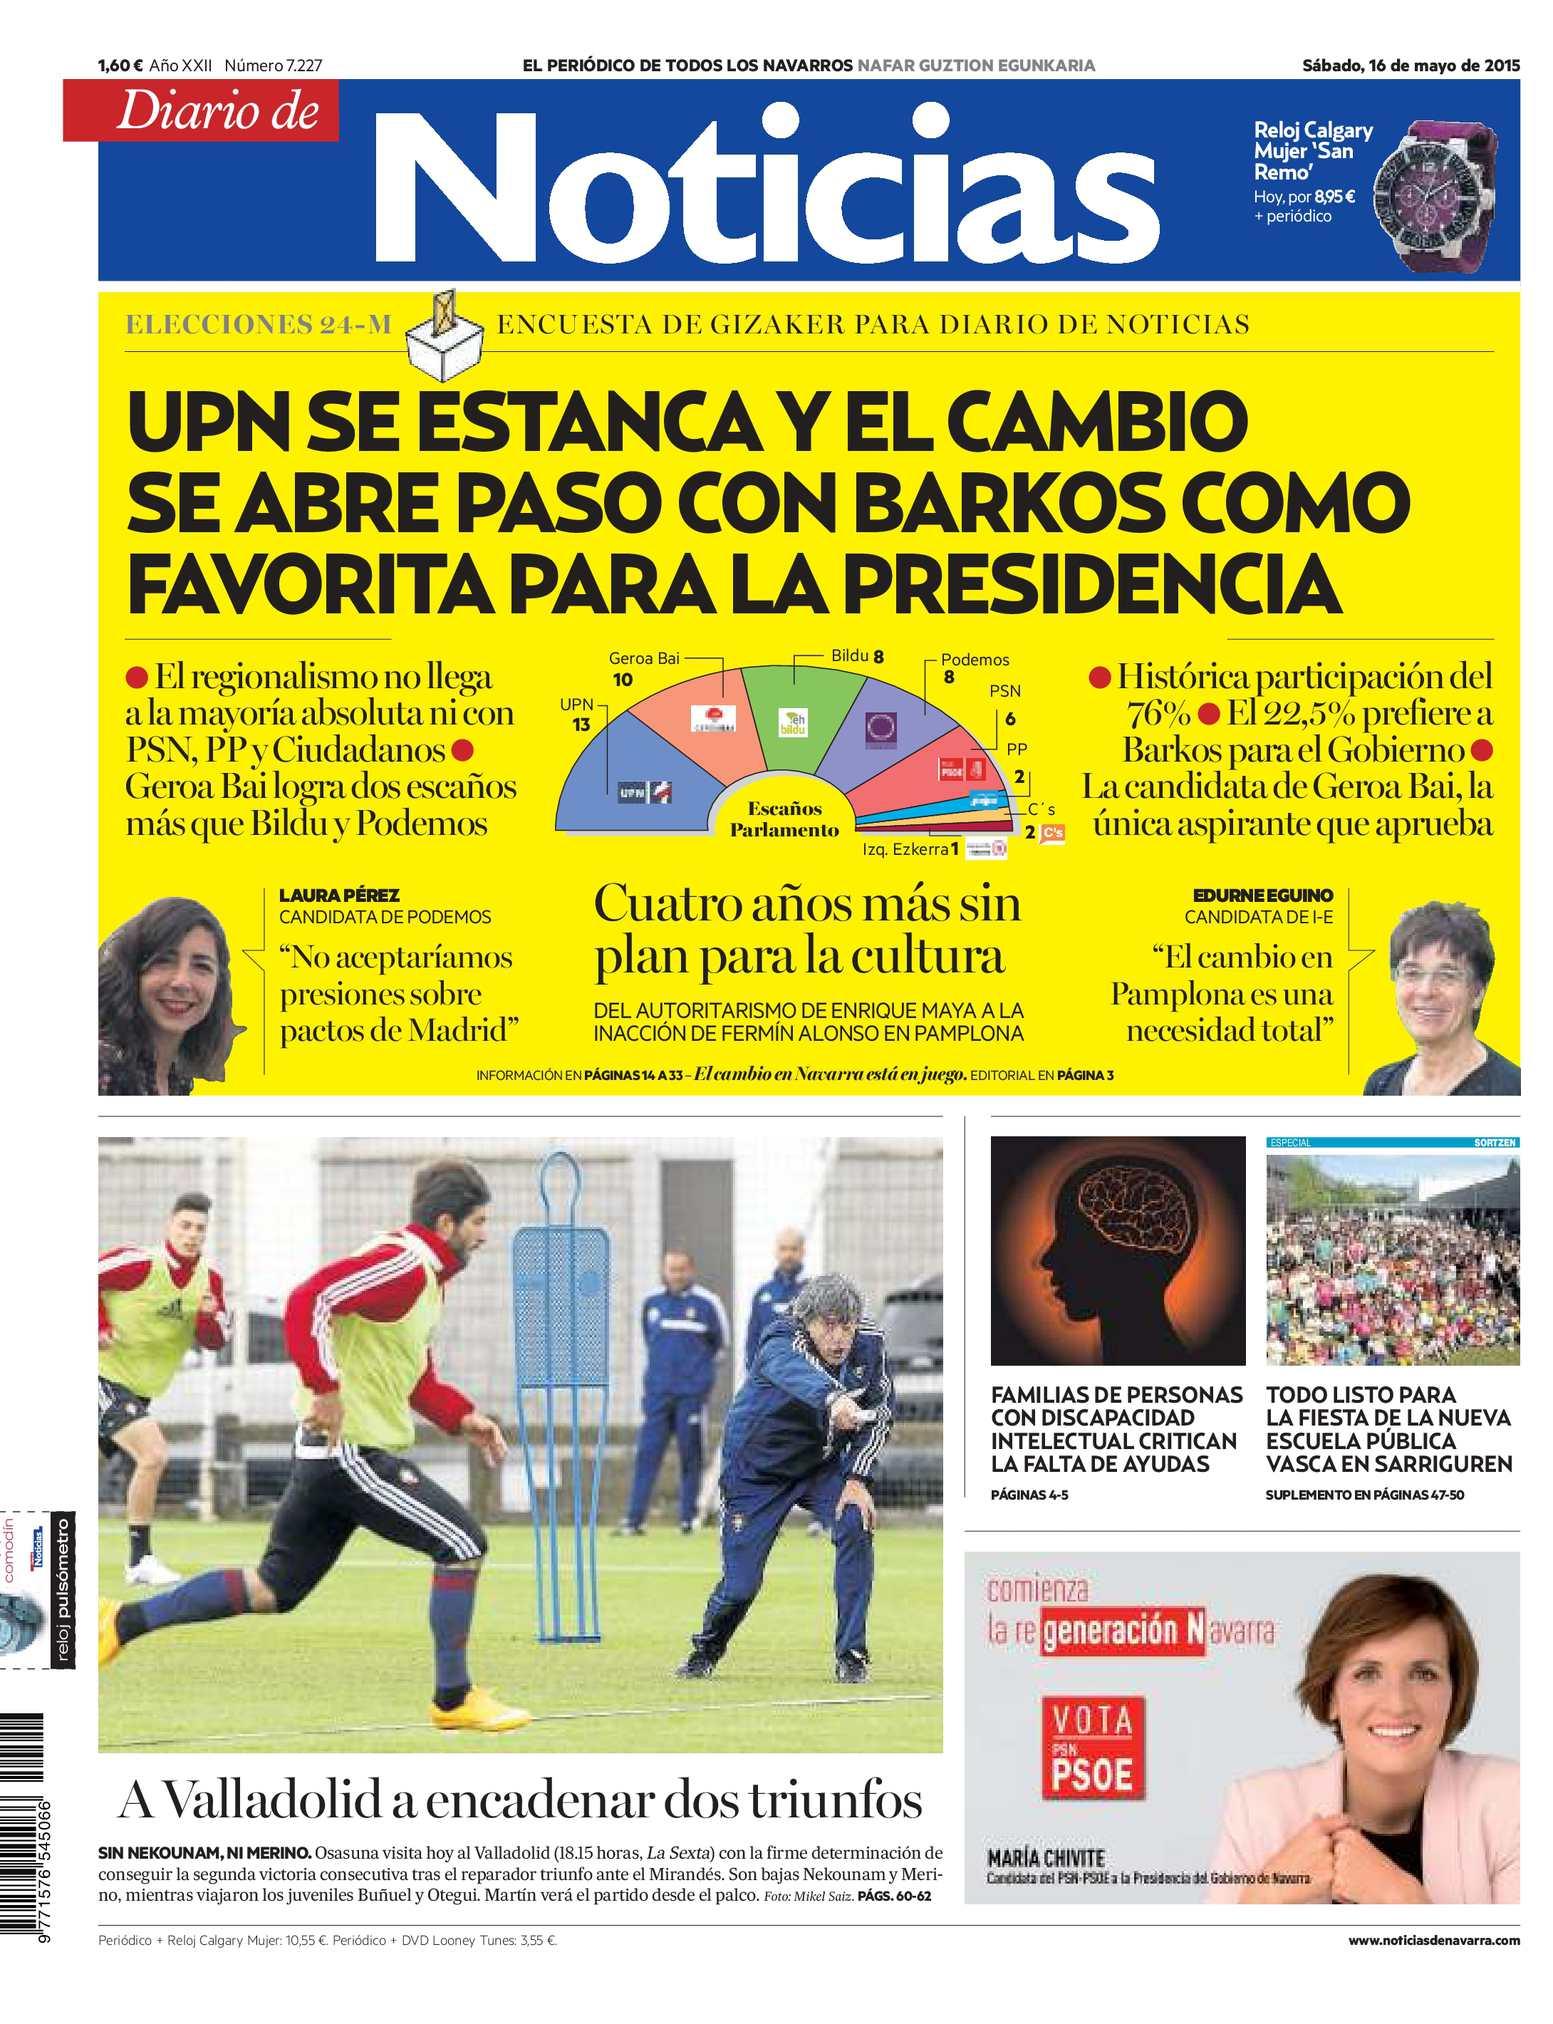 aa7136d57d2d4 Calaméo - Diario de Noticias 20150516